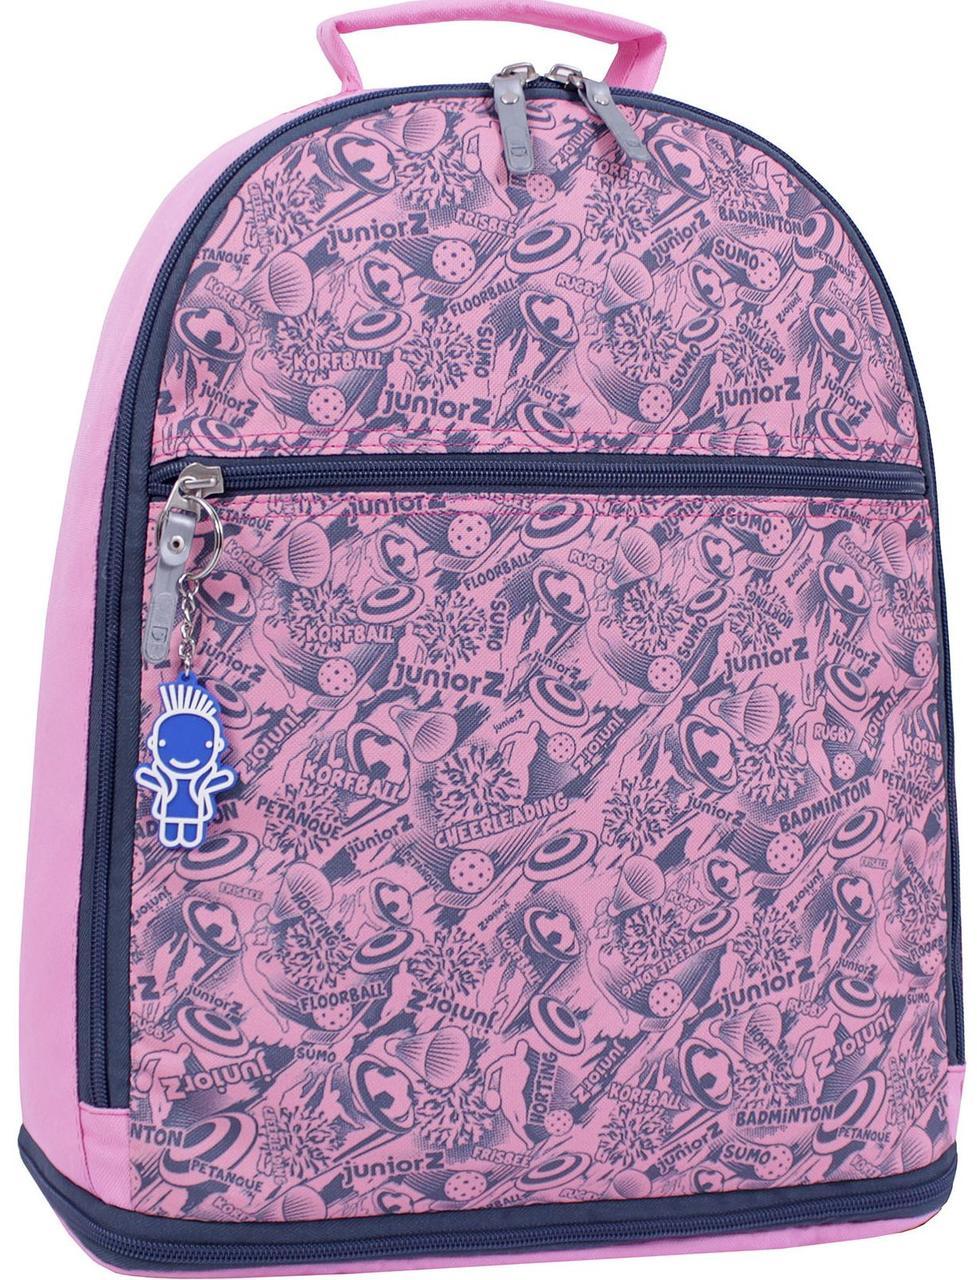 Школьный рюкзак из полиэстера Bagland Be JuniorZ 640 (0061466) 26 л розовый